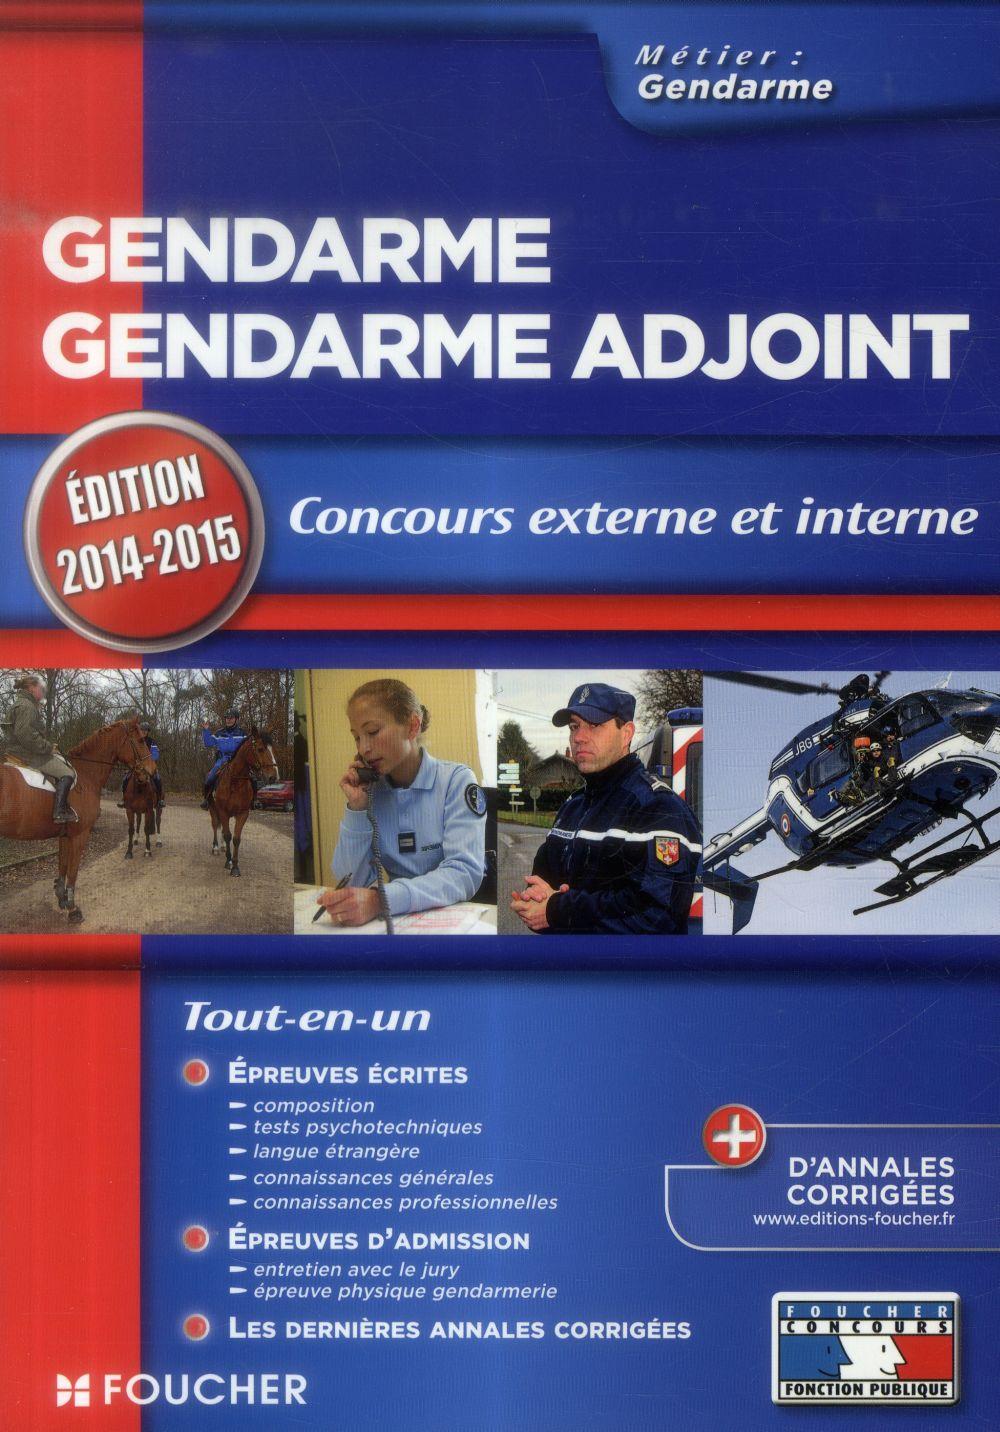 gendarme/gendarme adjoint ; concours externe et interne (édition 2014/2015)